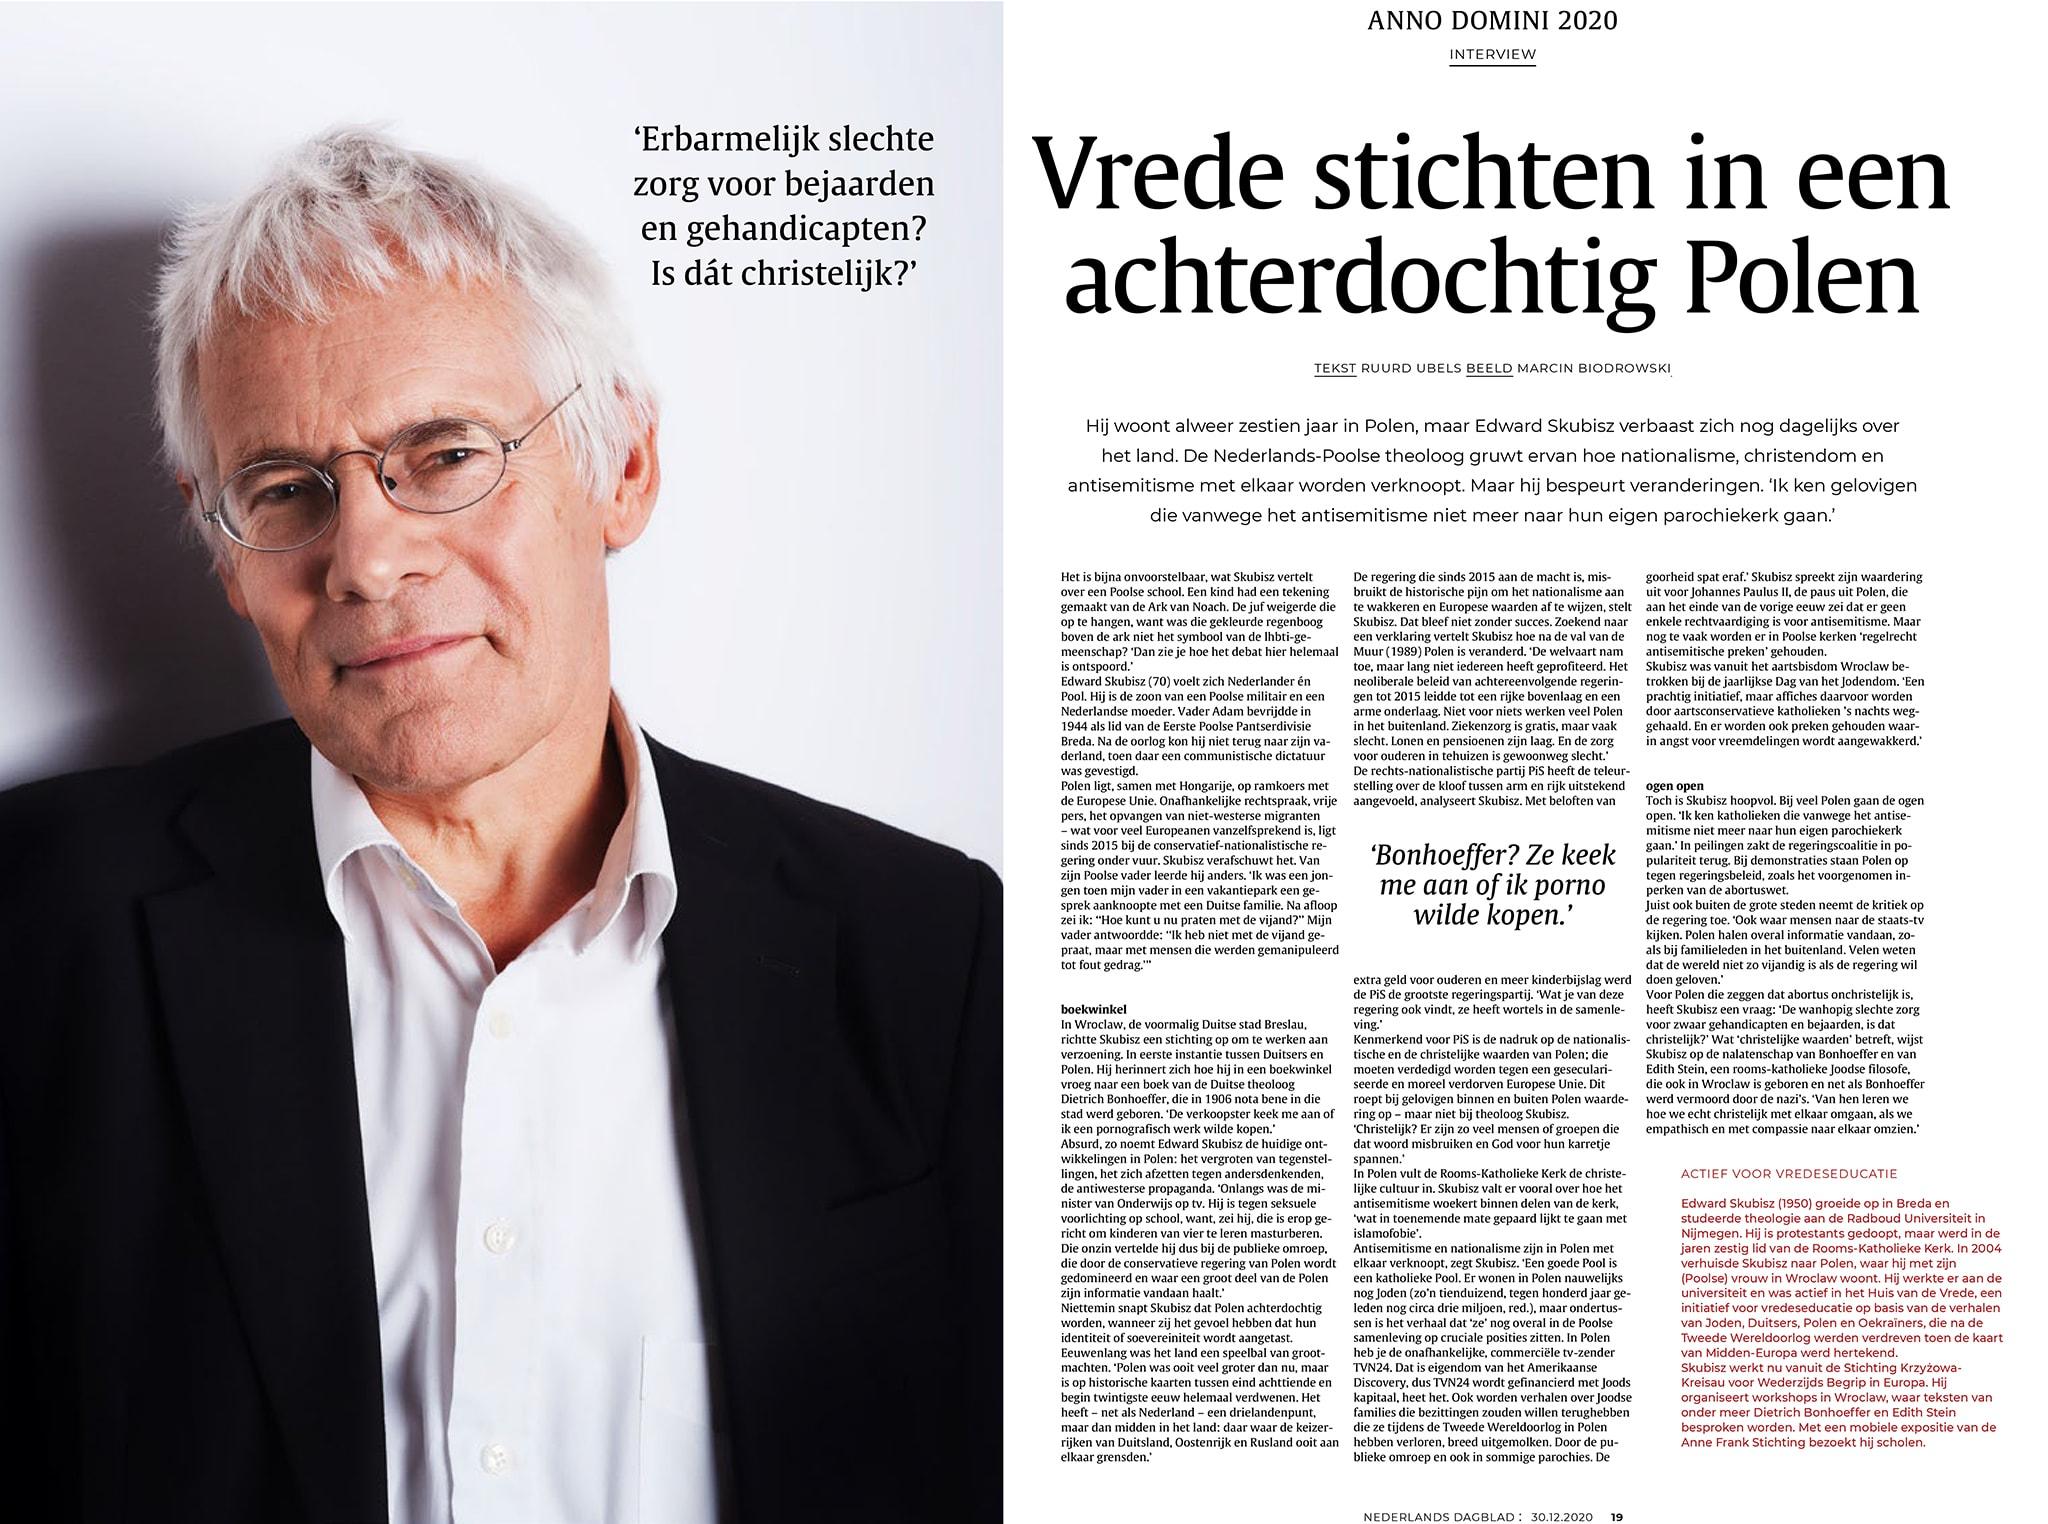 Moje zdjęcie w holenderskiej prasie – portret Edwarda Skubisza